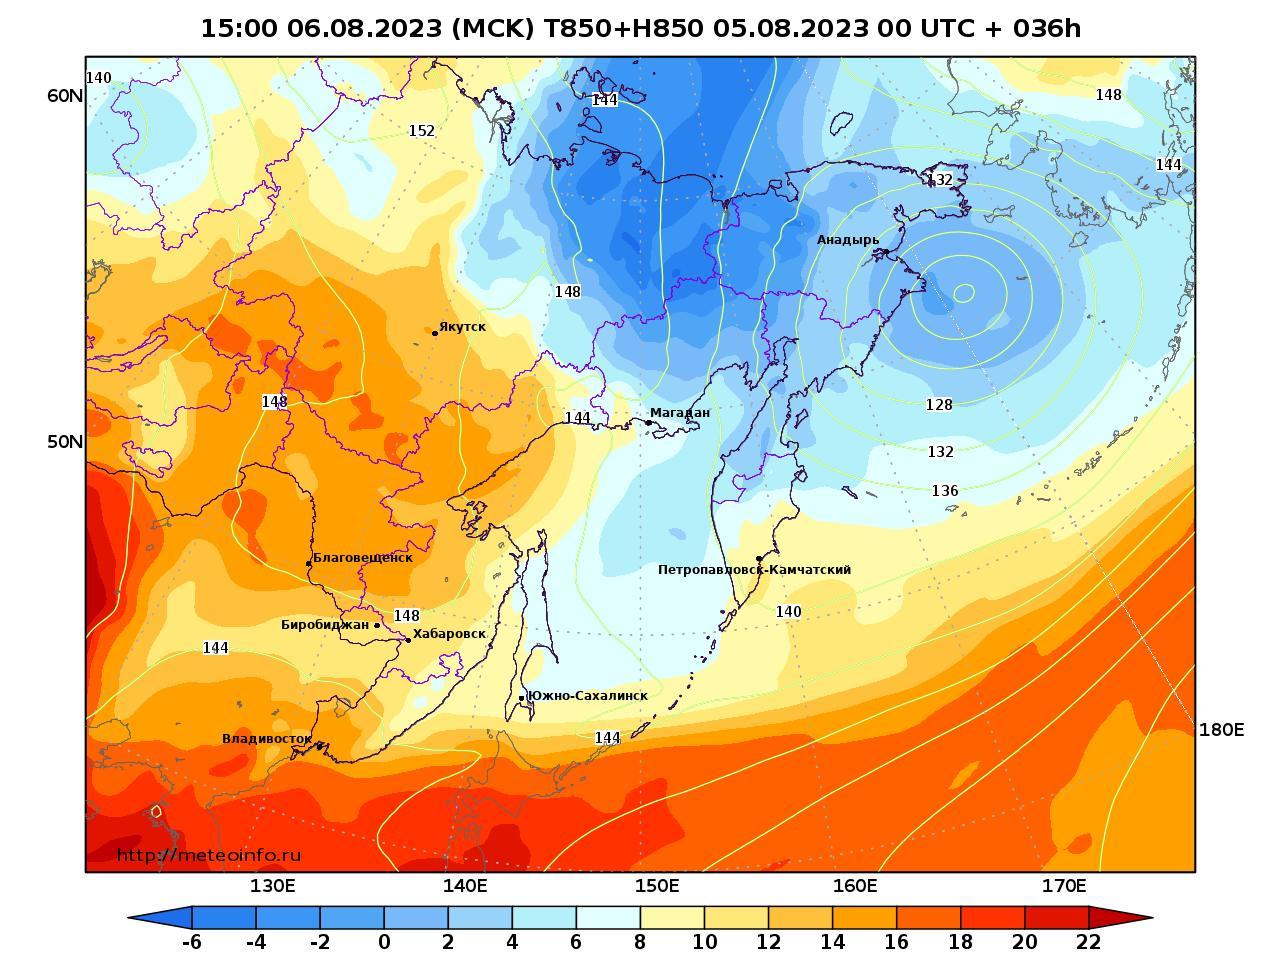 Дальний Восток, прогностическая карта температура T850 и геопотенциал H850, заблаговременность прогноза 36 часов